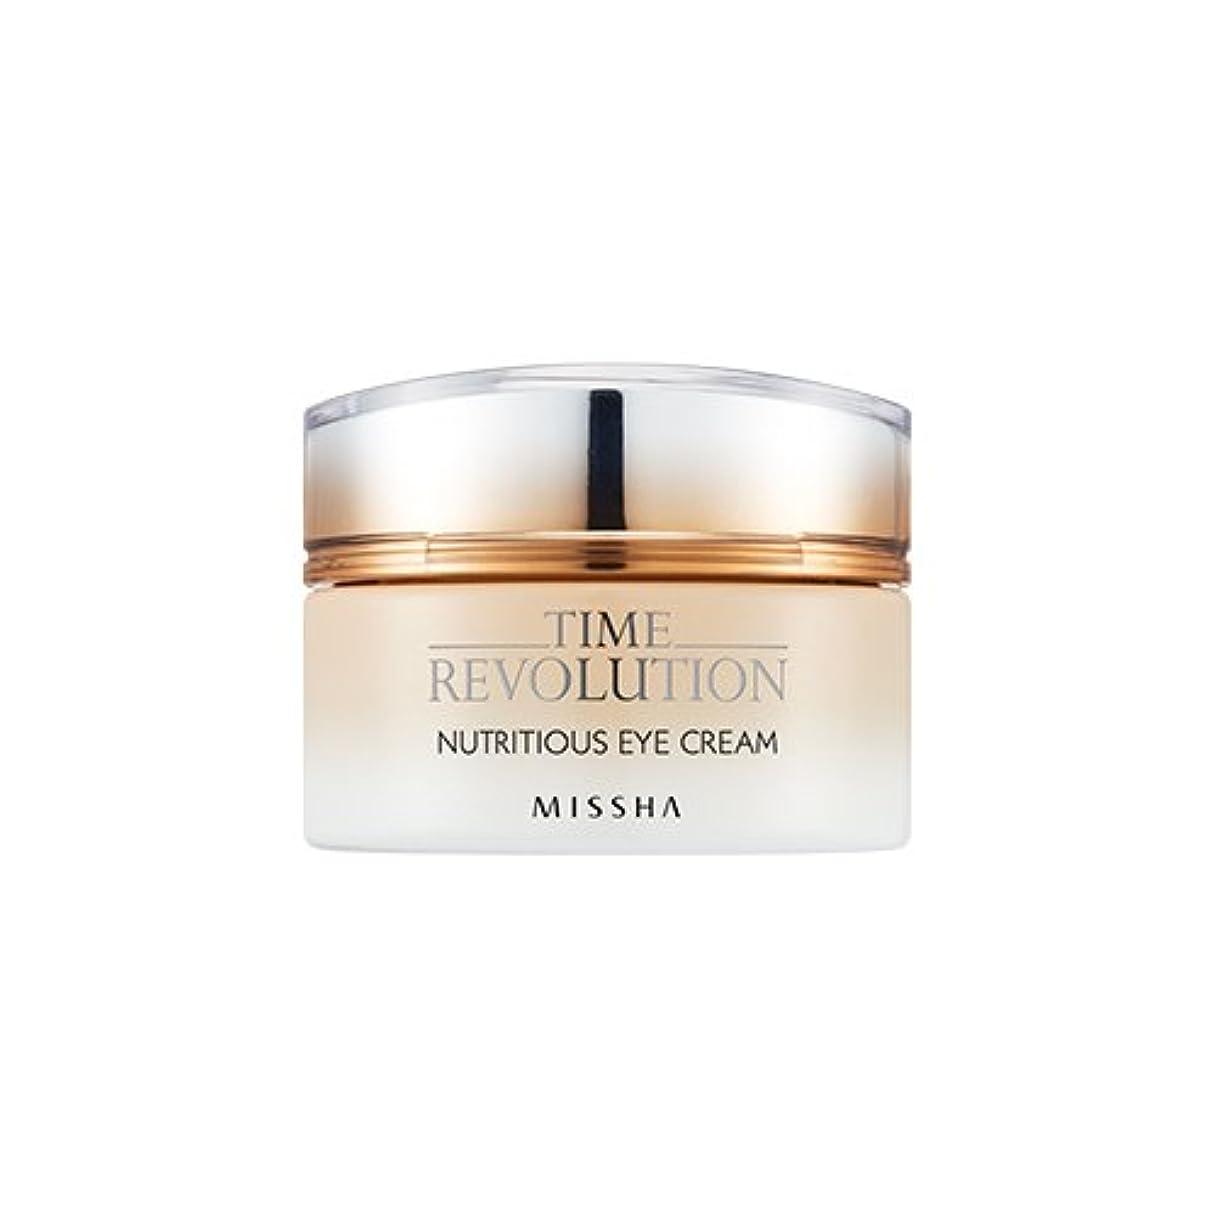 裁量下着もろい[New] MISSHA Time Revolution Nutritious Eye Cream 25ml/ミシャ タイム レボリューション ニュートリシャス アイクリーム 25ml [並行輸入品]